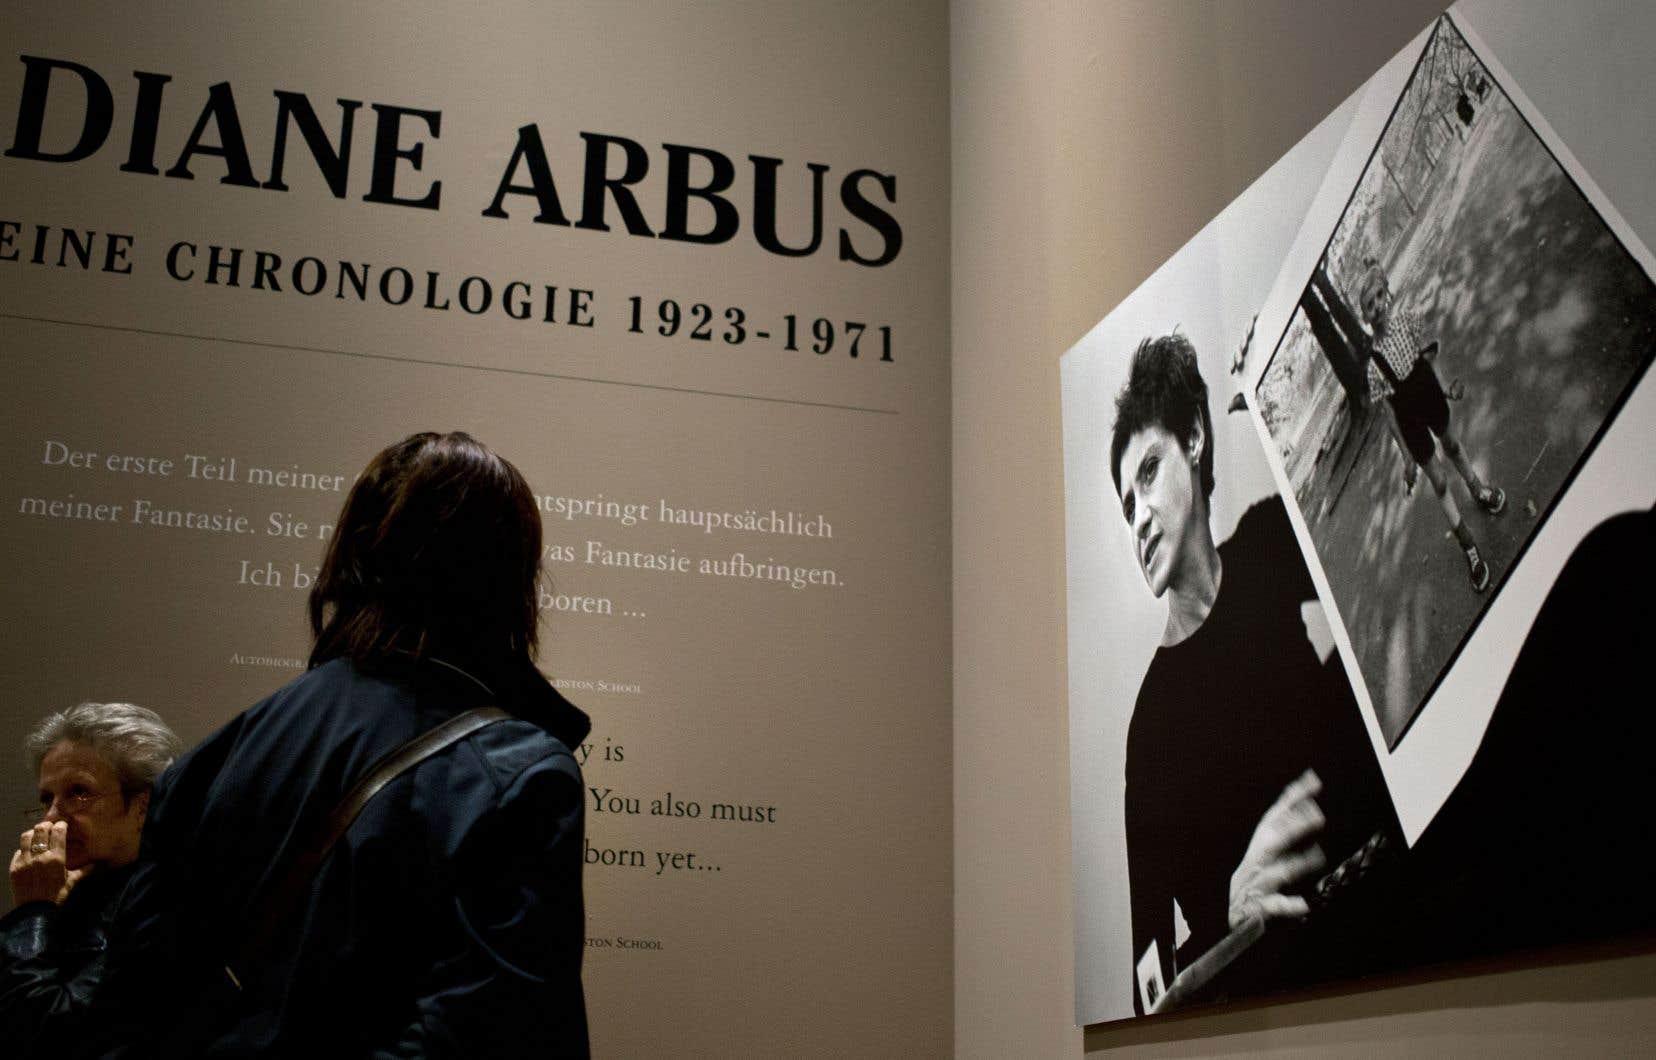 La photographe Diane Arbus fait partie de ces célébrités qui avaient été «négligées» par le grand journal new-yorkais.